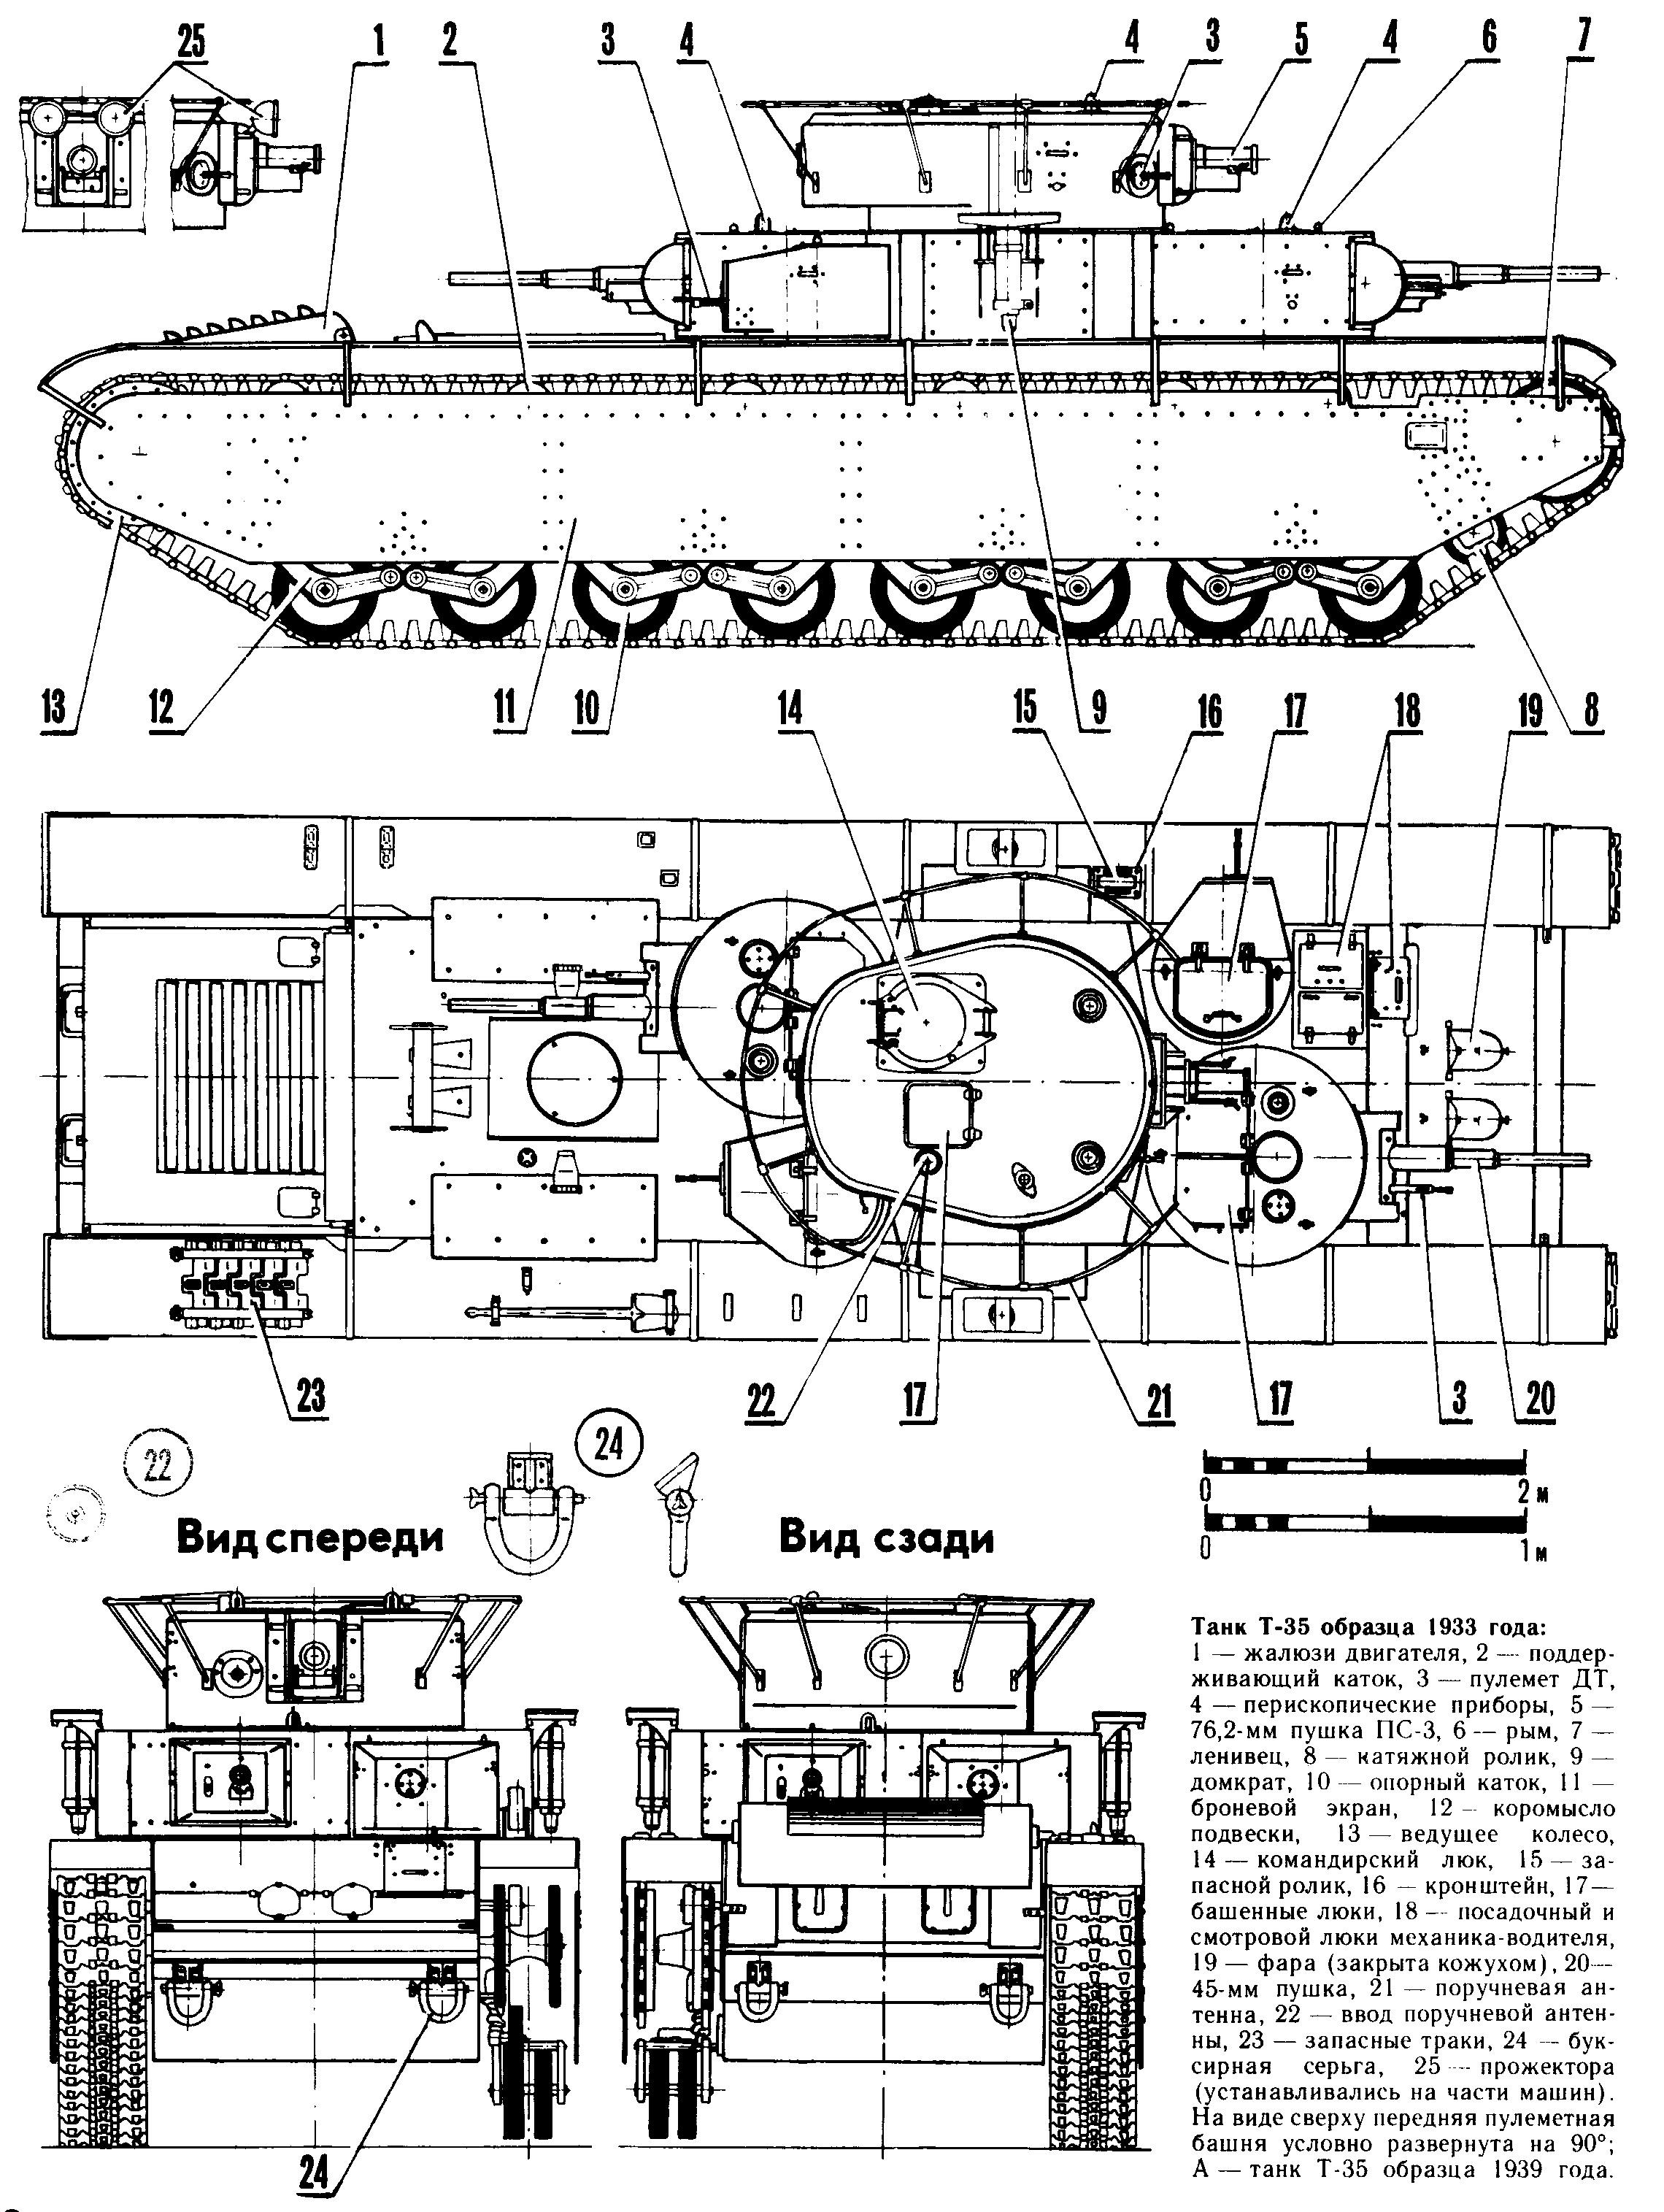 Танк Т-35, чертёж танка